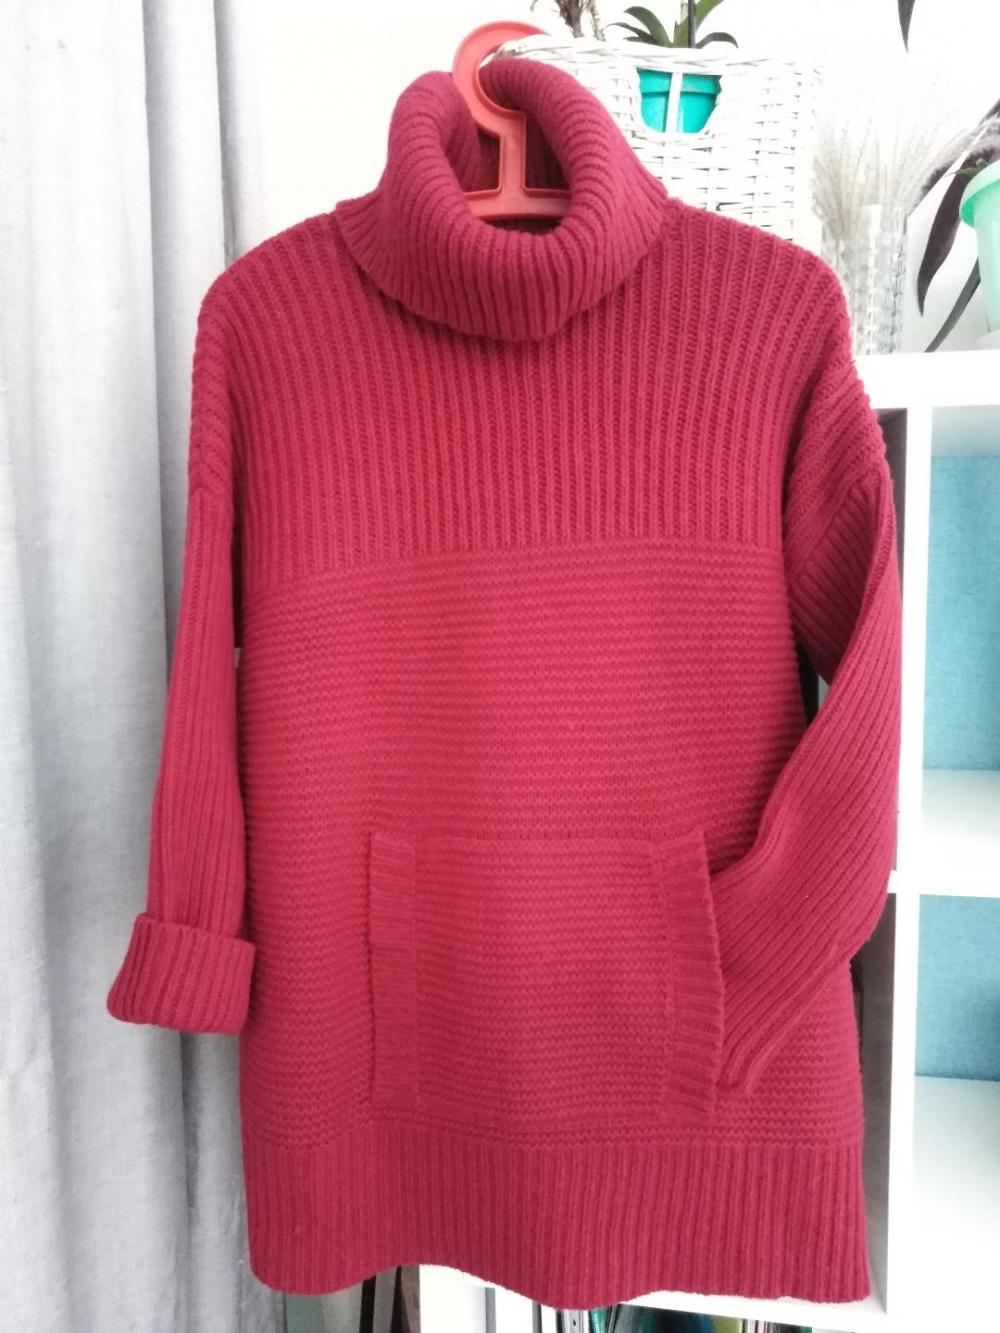 Джемпер Woolovers, шерсть, размер S